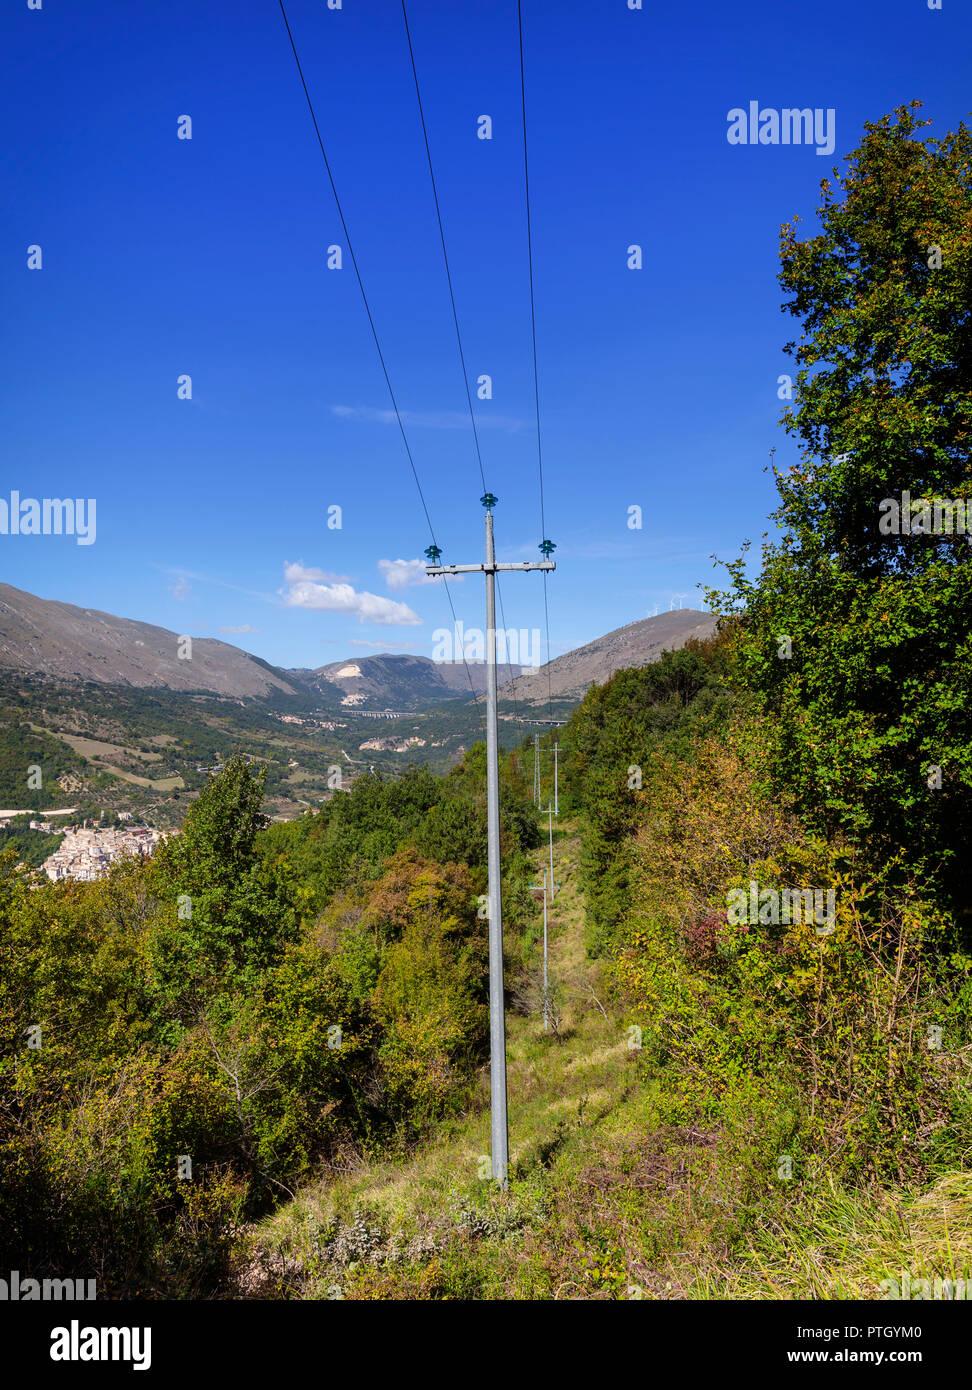 Postes de suministro eléctrico de alta tensión en la Reserva Natural de las Gargantas del Sagittario (Riserva delle Gole del Sagittario) cerca Castrovalva, Imagen De Stock